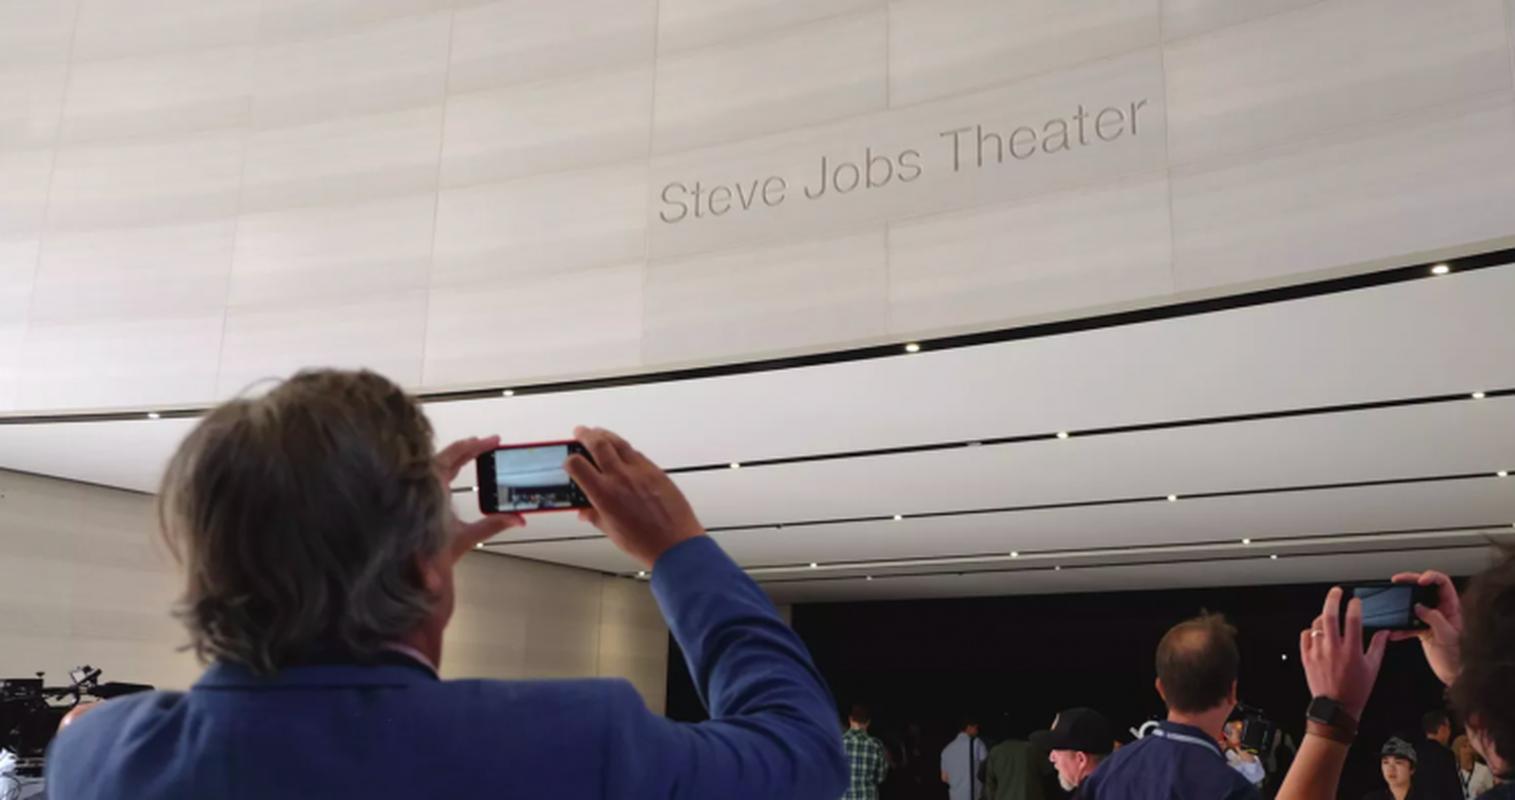 Nhung bi mat day bat ngo ben trong khan phong Steve Jobs Theater-Hinh-7